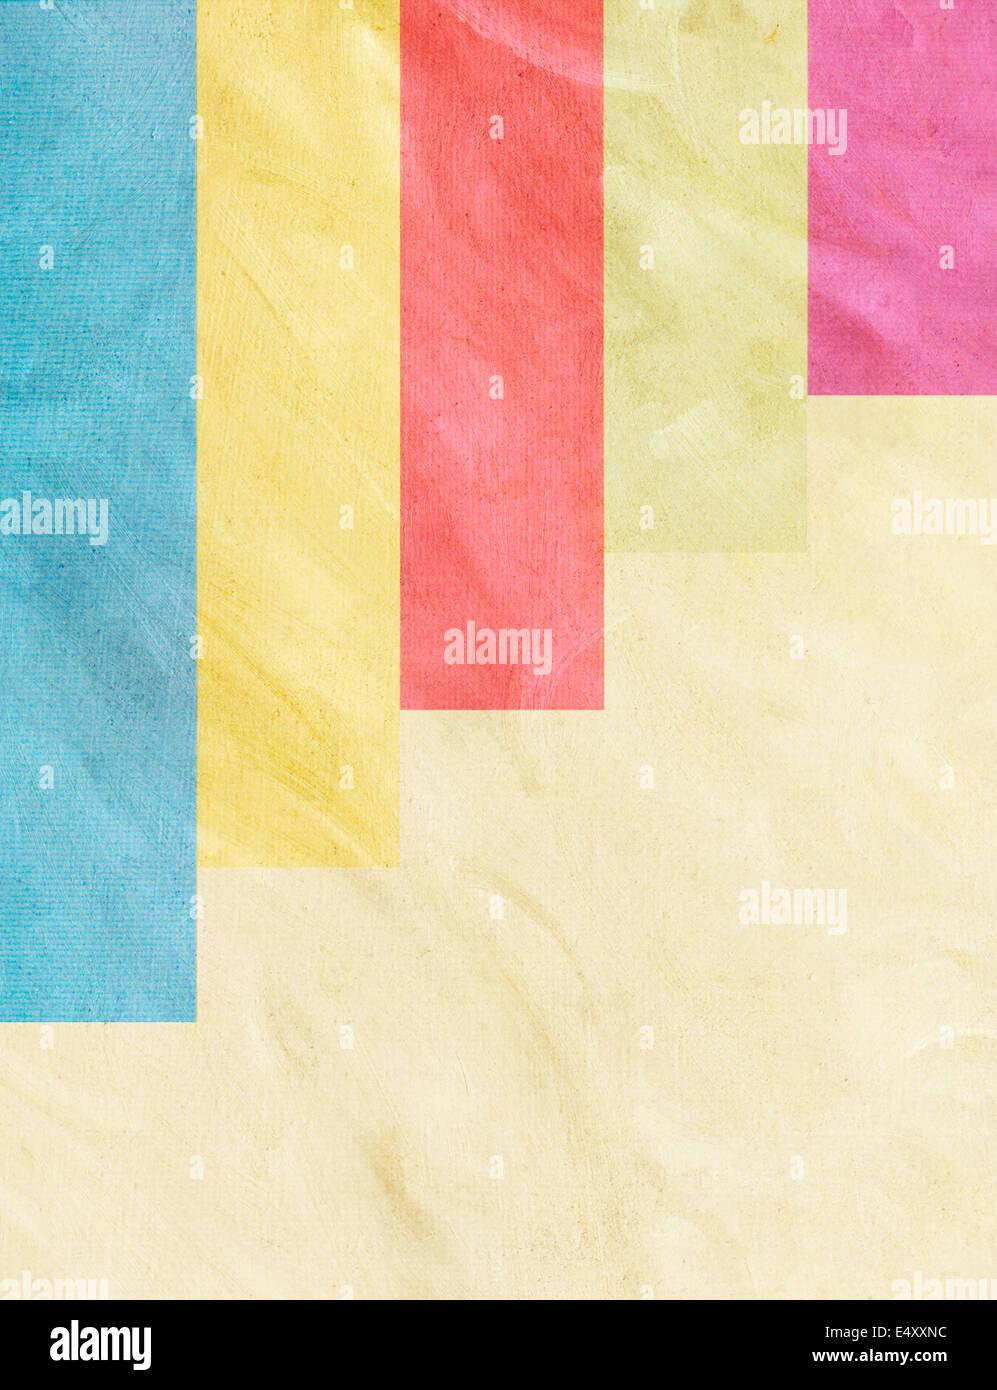 Echtes Papier hinzufügen Textur für Infografiken Stockfoto